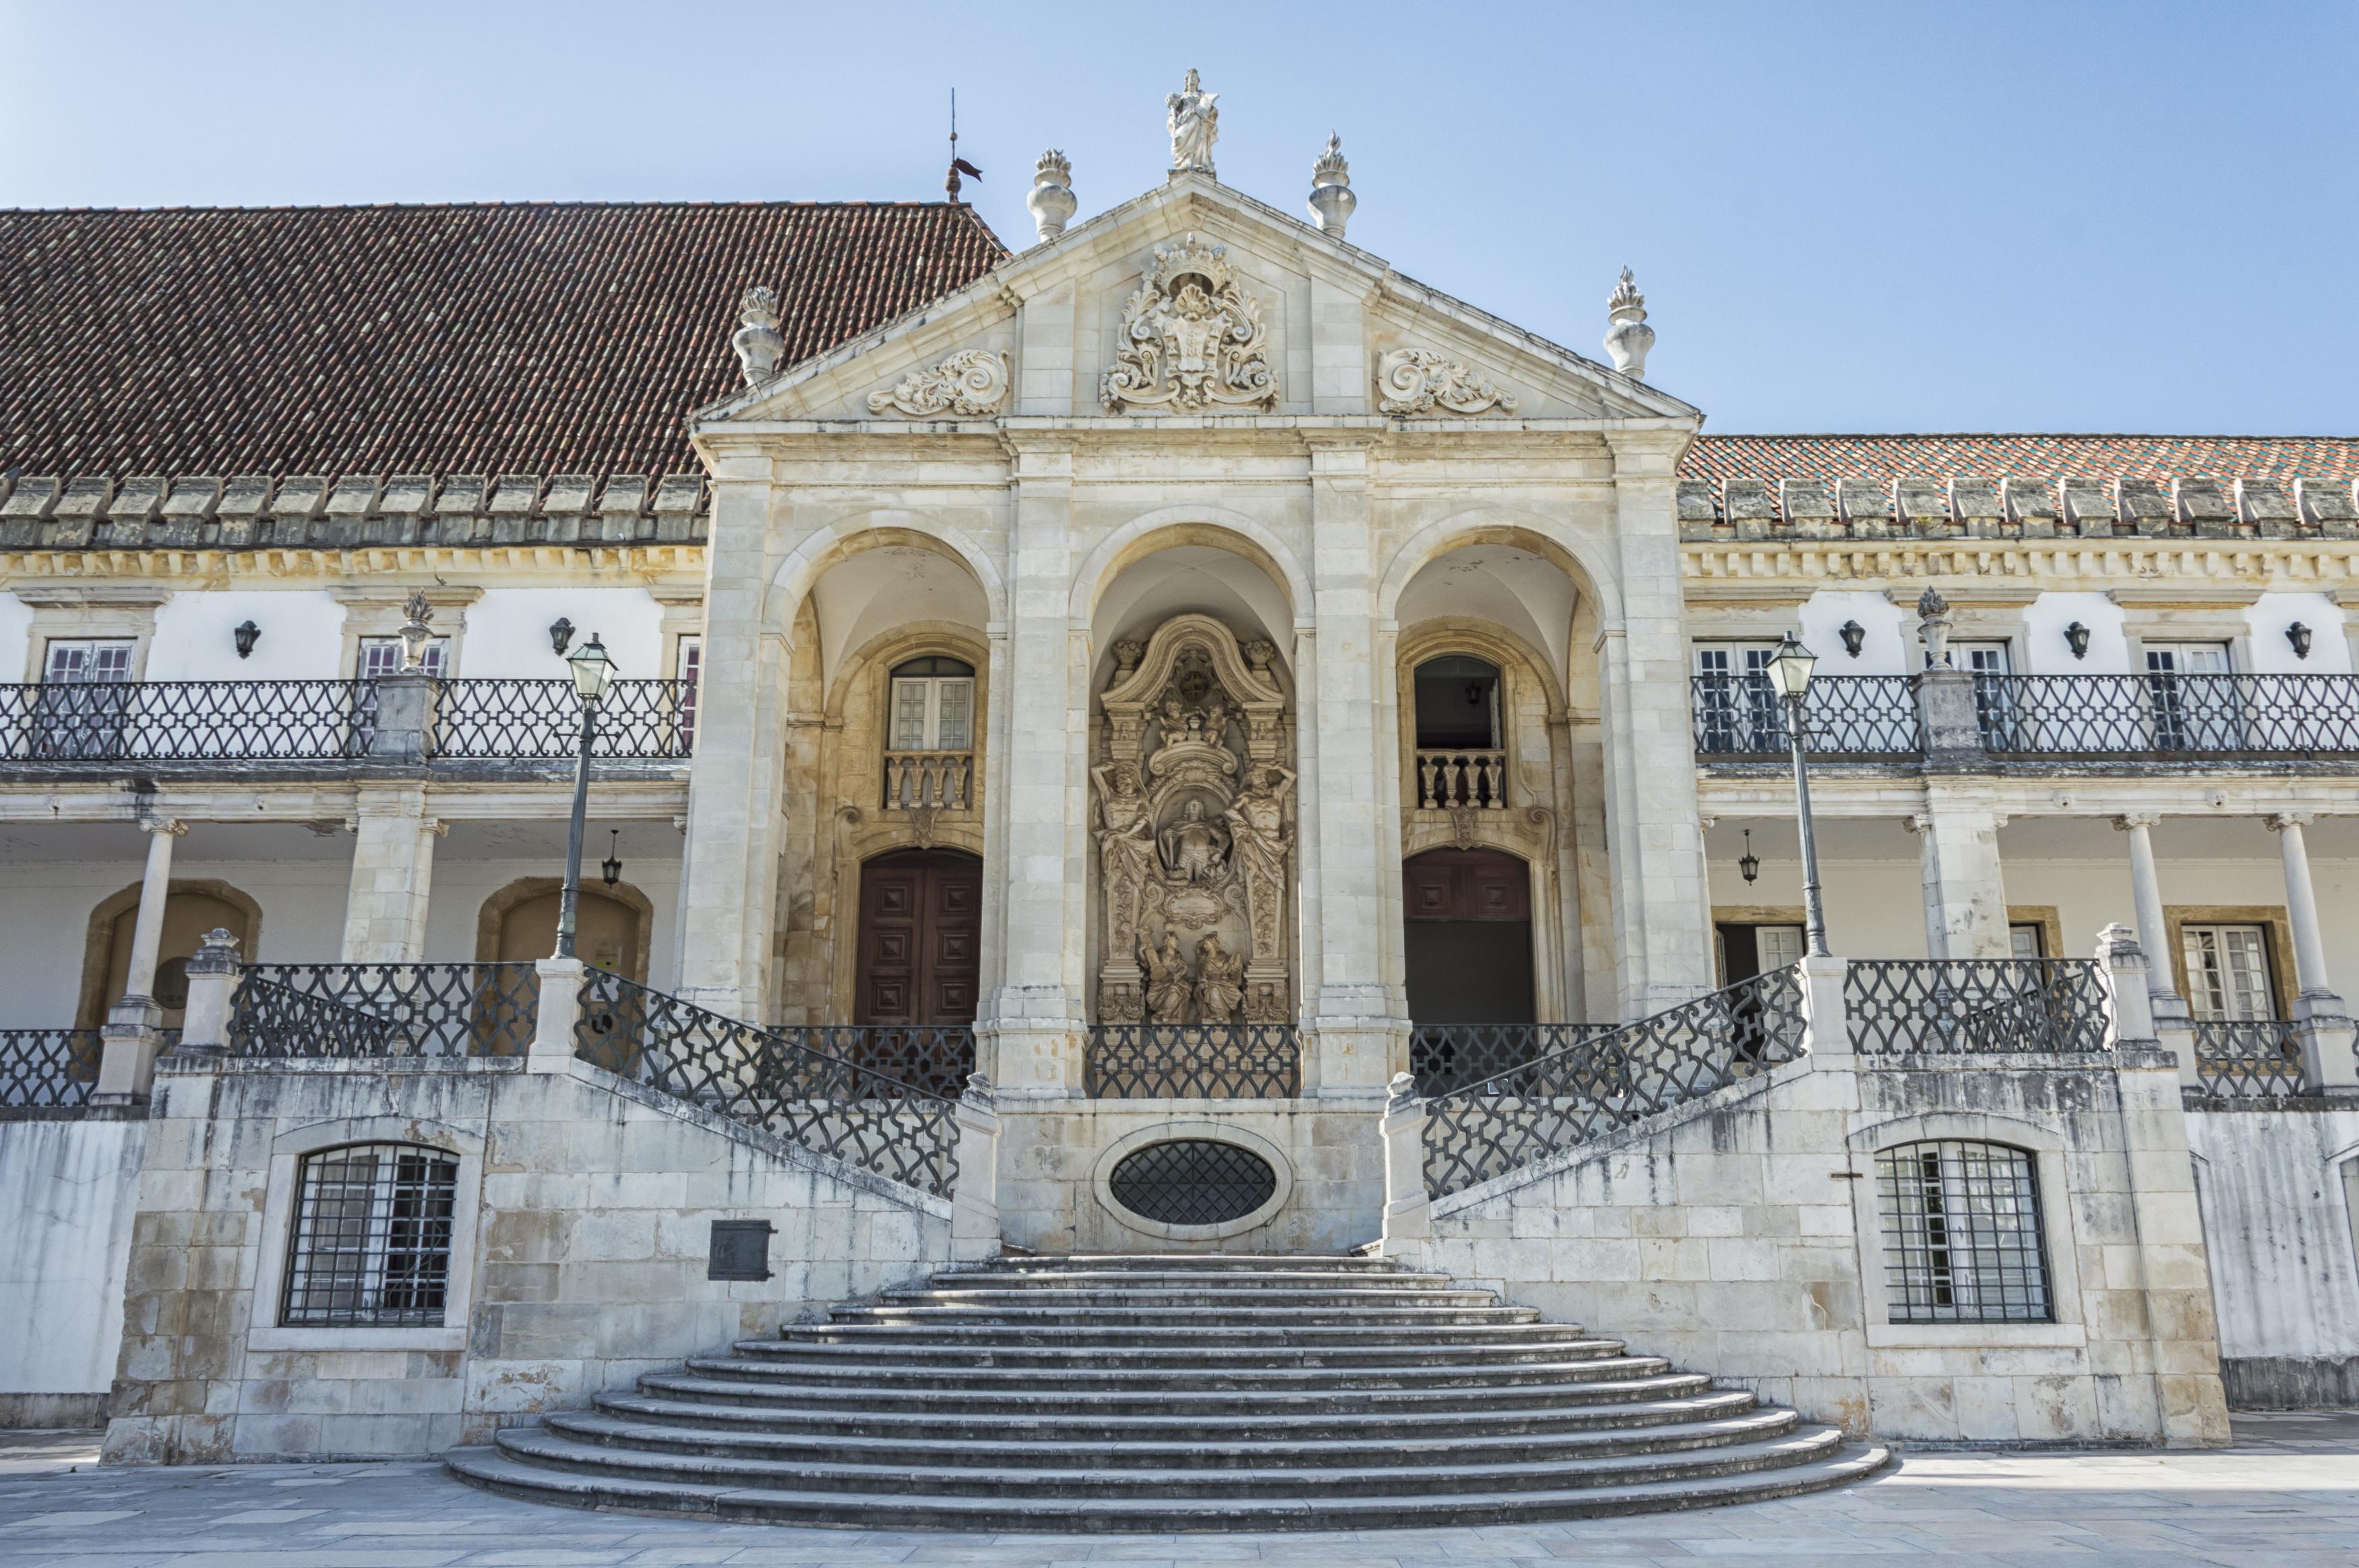 Empápate de saber en una de las universidades más antiguas del mundo - Portugal Circuito Todo Portugal: de Oporto a Lisboa